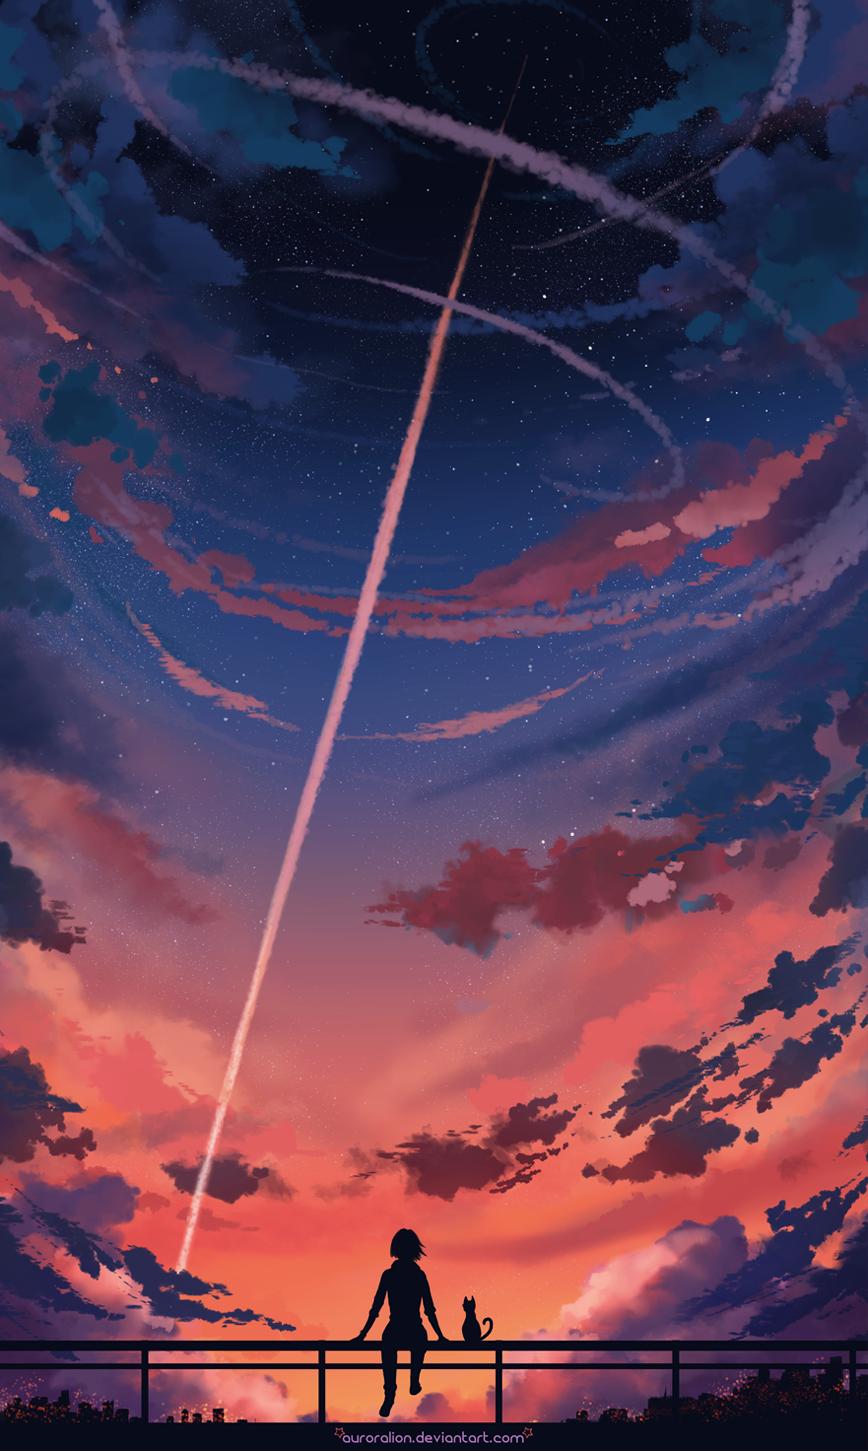 Limitless by AuroraLion on DeviantArt